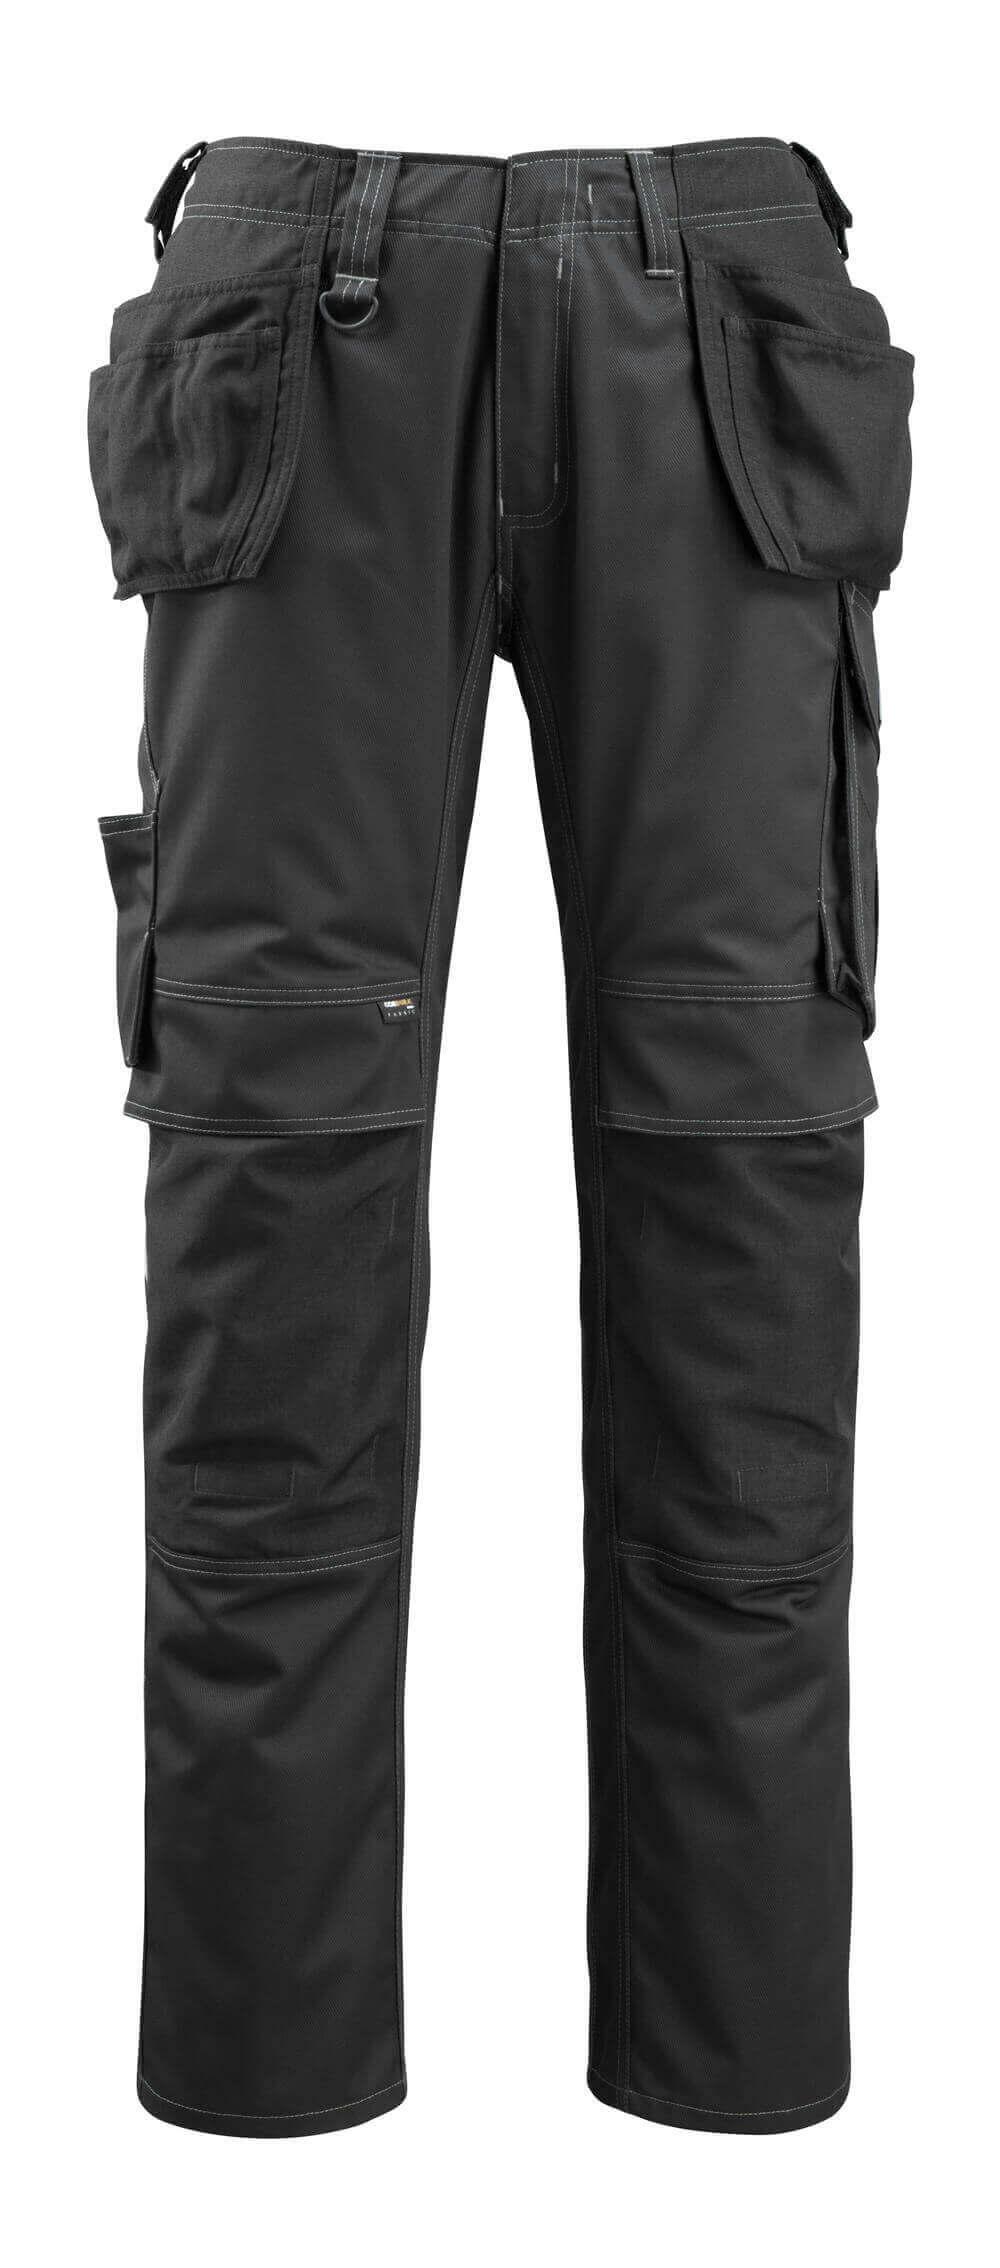 14131-203-09 Bukser med hengelommer - svart